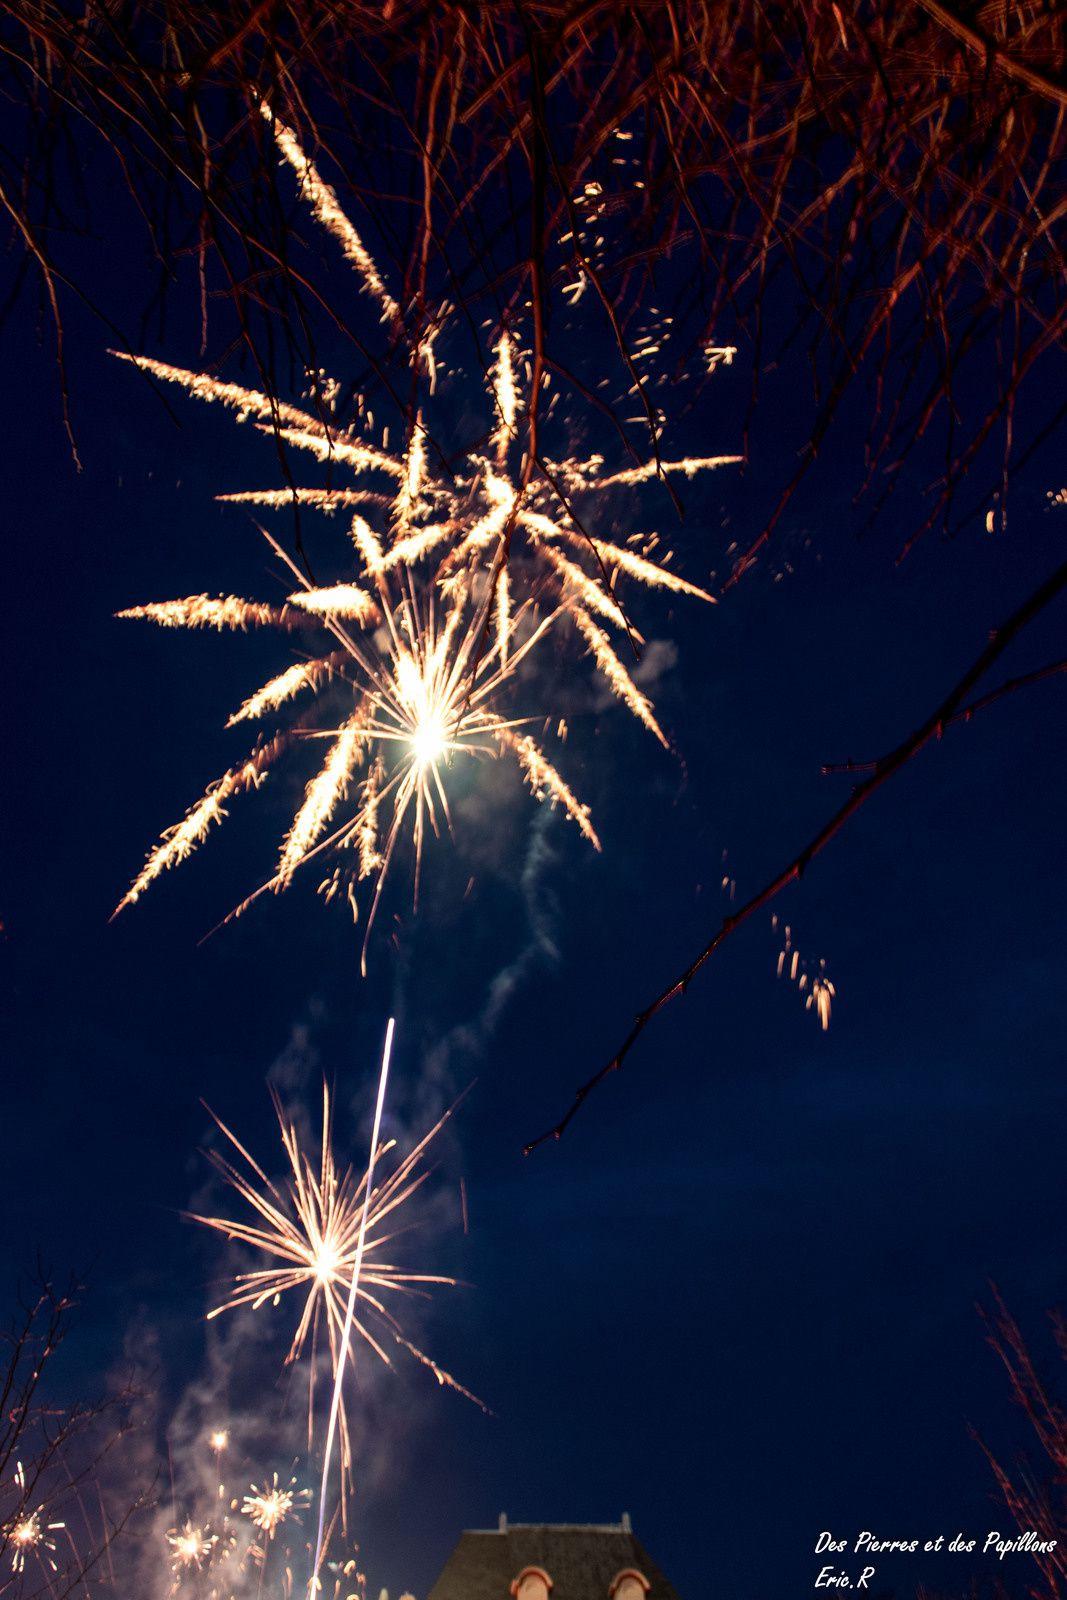 Le feu d'artifice au dessus du Castelrose